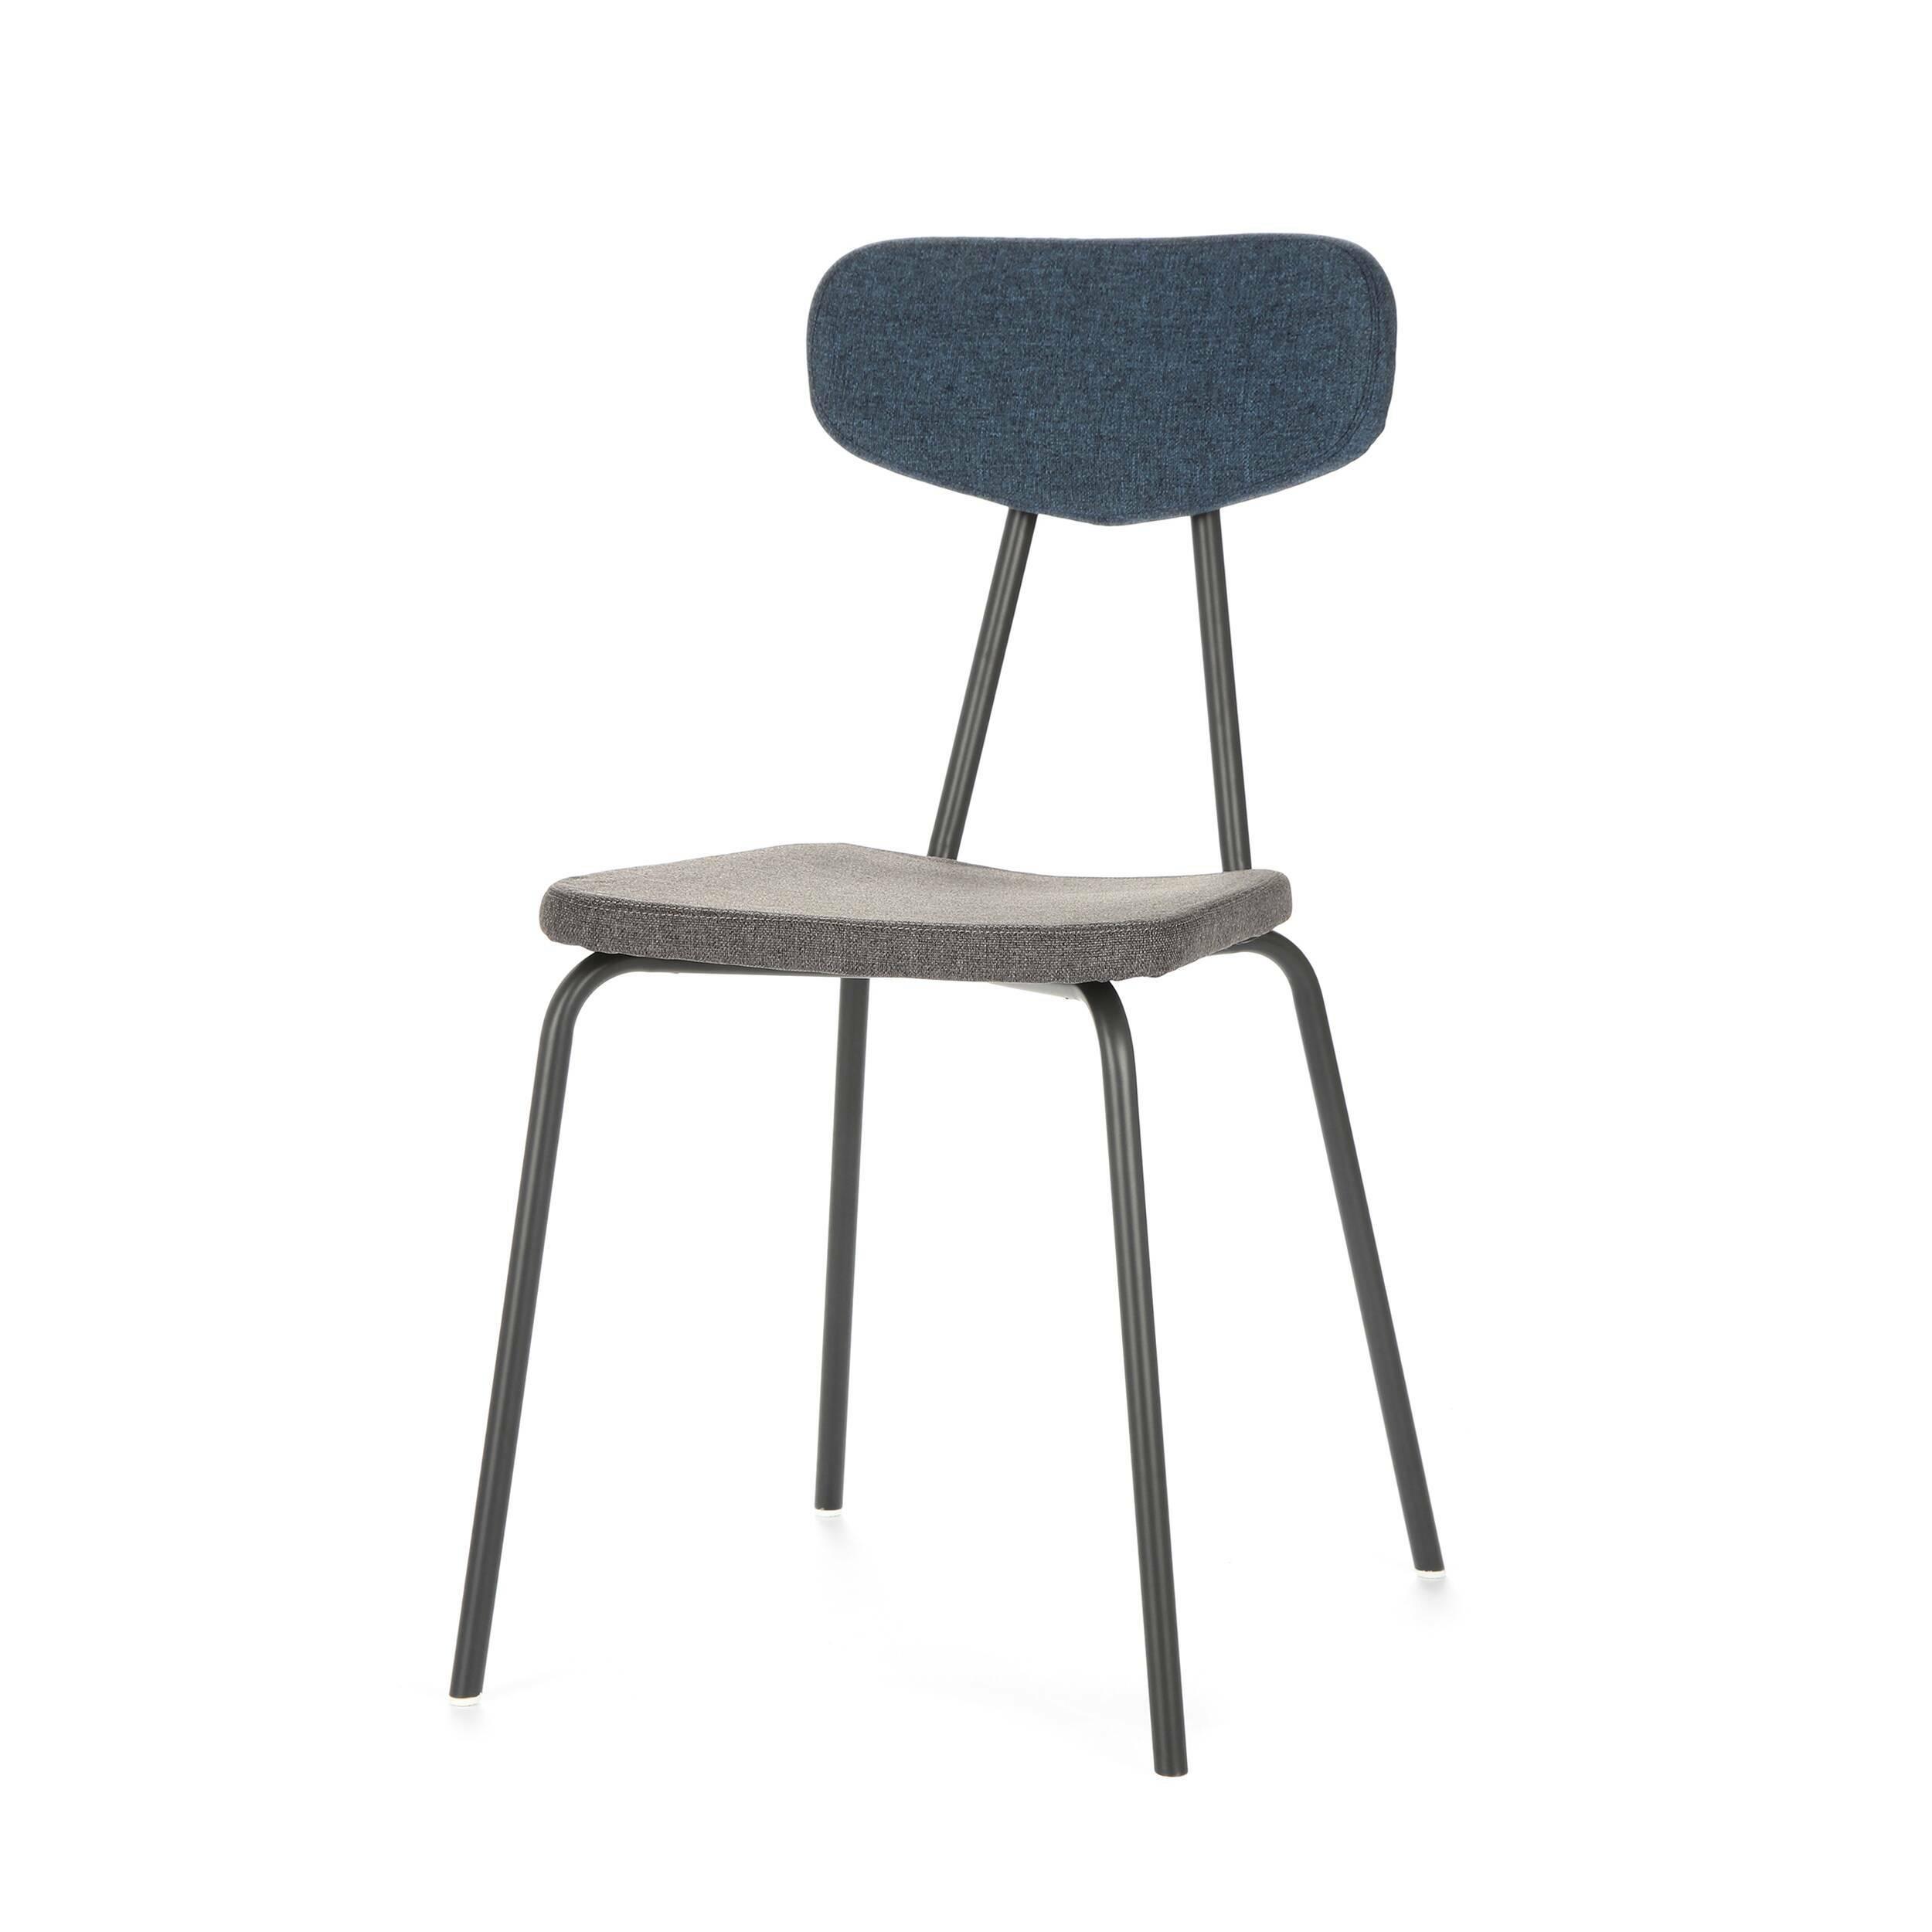 Стул Pavesino 2Интерьерные<br>Простой, классической формы стул Pavesino 2 словно создан дополнять уже готовый интерьер, оттенять его своими строгими, элегантными линиями и формой. Это добротный, универсальный стул, который благодаря отсутствию излишних деталей и декора легко впишется практически в любой тип помещения. Однако итальянский дизайнер Сильвия Марлия все же придала ему свою особенную изюминку — стул обладает очень красивым сочетанием цветов и материалов.<br><br><br> Каркас стула изготовлен из прочной стали темног...<br><br>stock: 21<br>Высота: 81,5<br>Высота сиденья: 47<br>Ширина: 46,5<br>Глубина: 57<br>Цвет спинки: Синий<br>Материал спинки: Полиэстер<br>Тип материала каркаса: Сталь<br>Материал сидения: Полиэстер<br>Цвет сидения: Графит<br>Тип материала спинки: Ткань<br>Тип материала сидения: Ткань<br>Коллекция ткани: Gabriel Fabric<br>Цвет каркаса: Темно-серый матовый